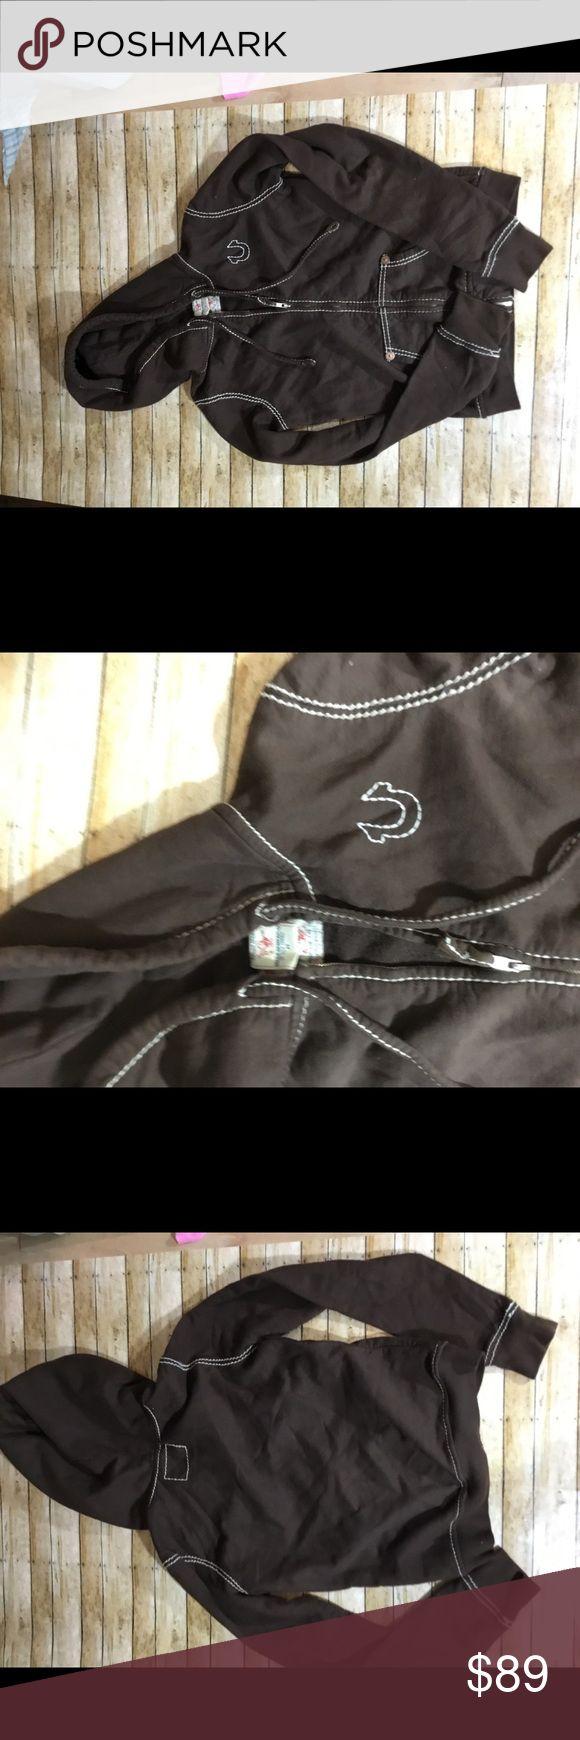 True Religion Brown Zip Up Hoodie True Religion Brown Zip Up Hoodie True Religion Tops Sweatshirts & Hoodies